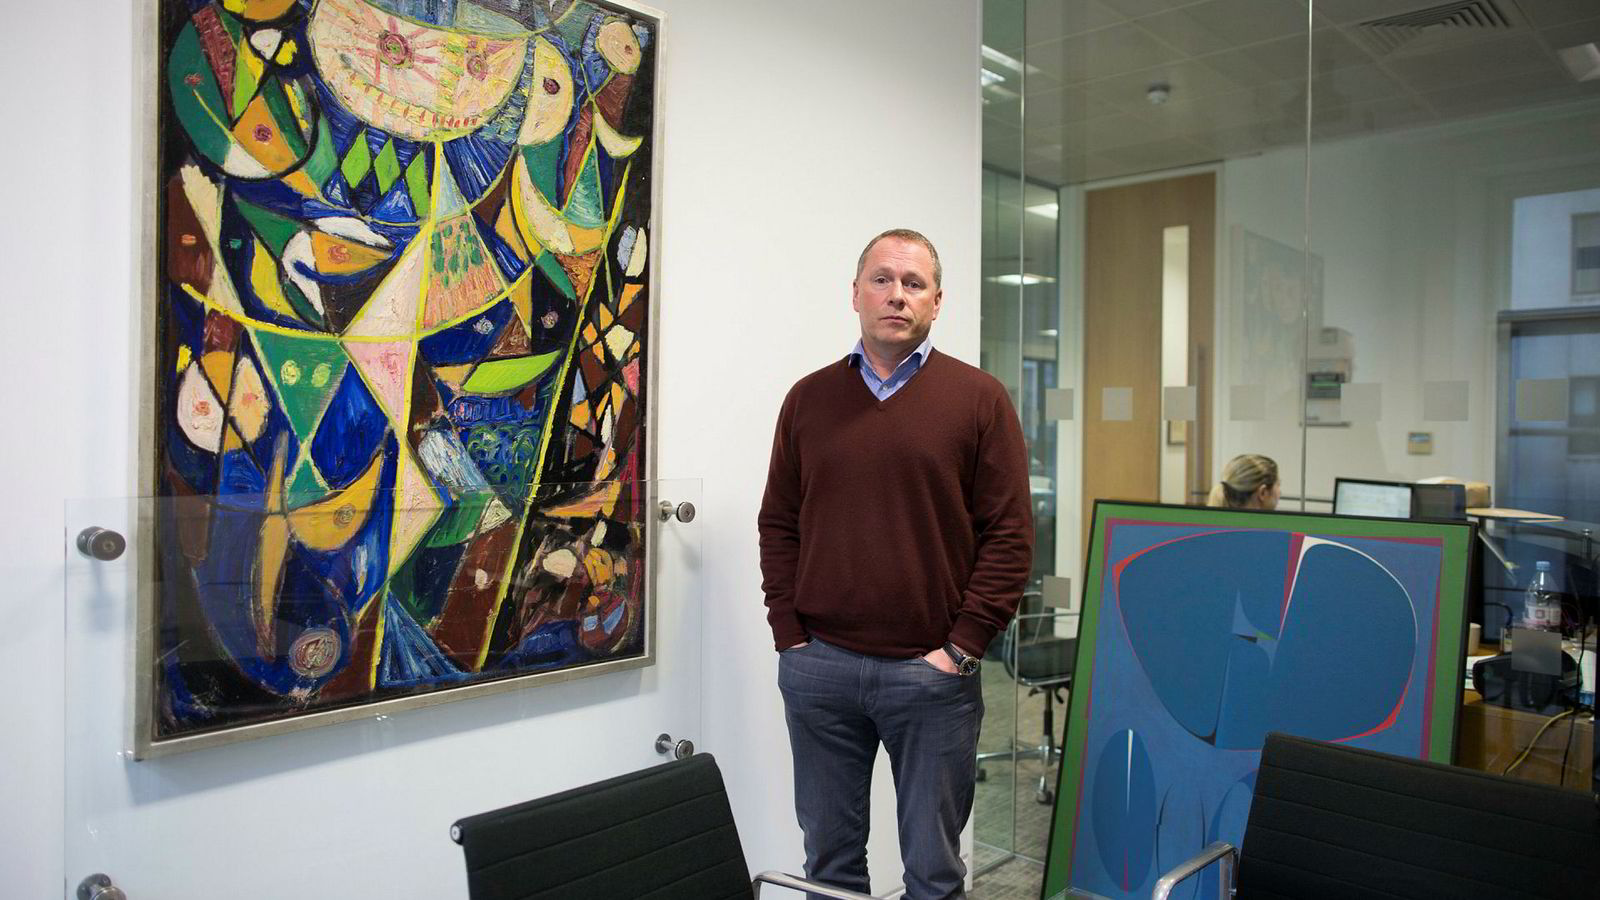 Den over gjennomsnittet kunstinteresserte Nicolai Tangen tjente 1,3 milliarder kroner i fjor.